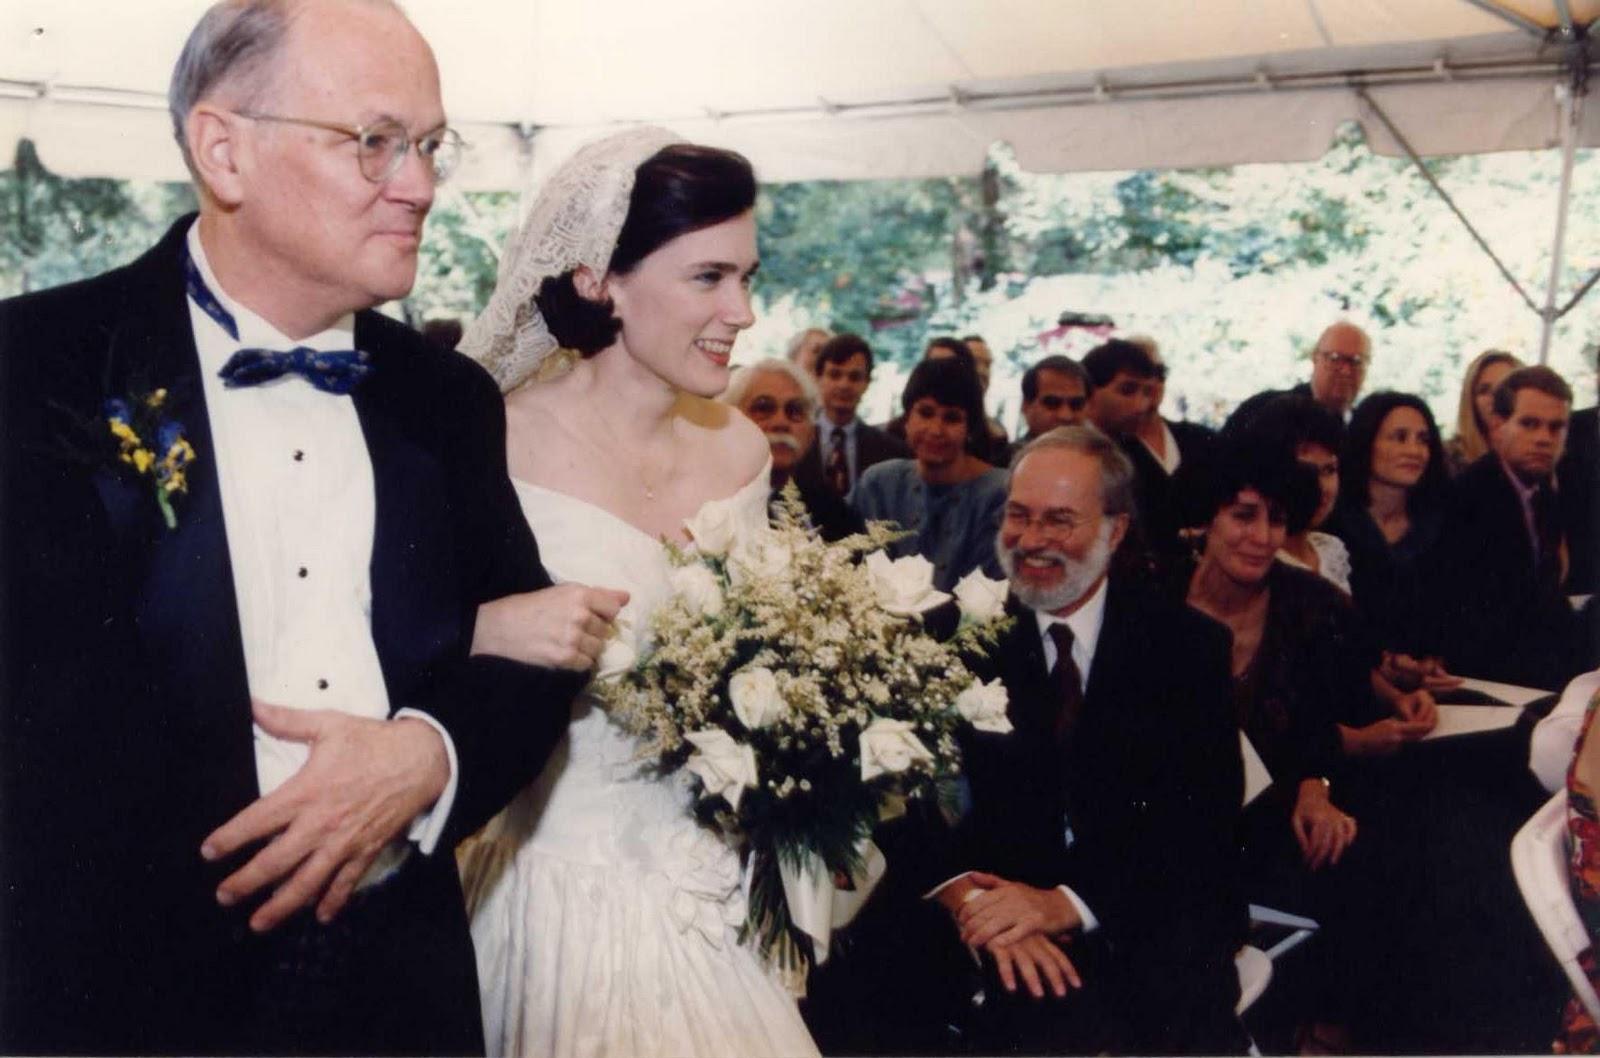 At Tim & my wedding     both of